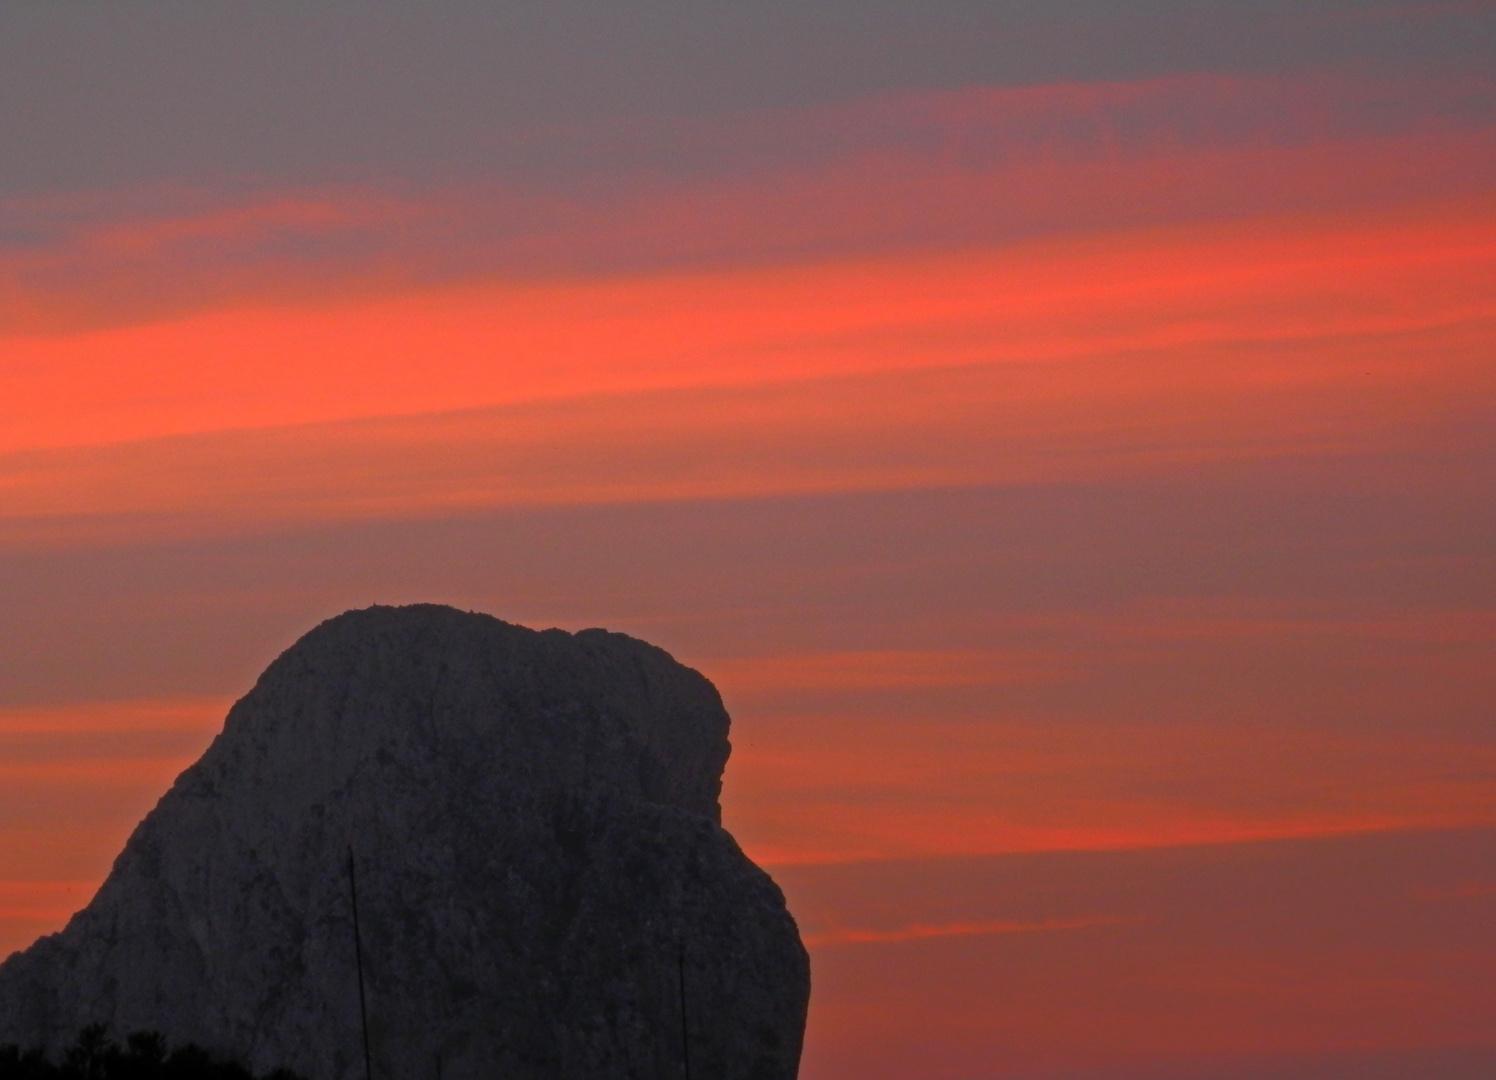 Sonnenaufgang am Peñon I´fach in Calpe